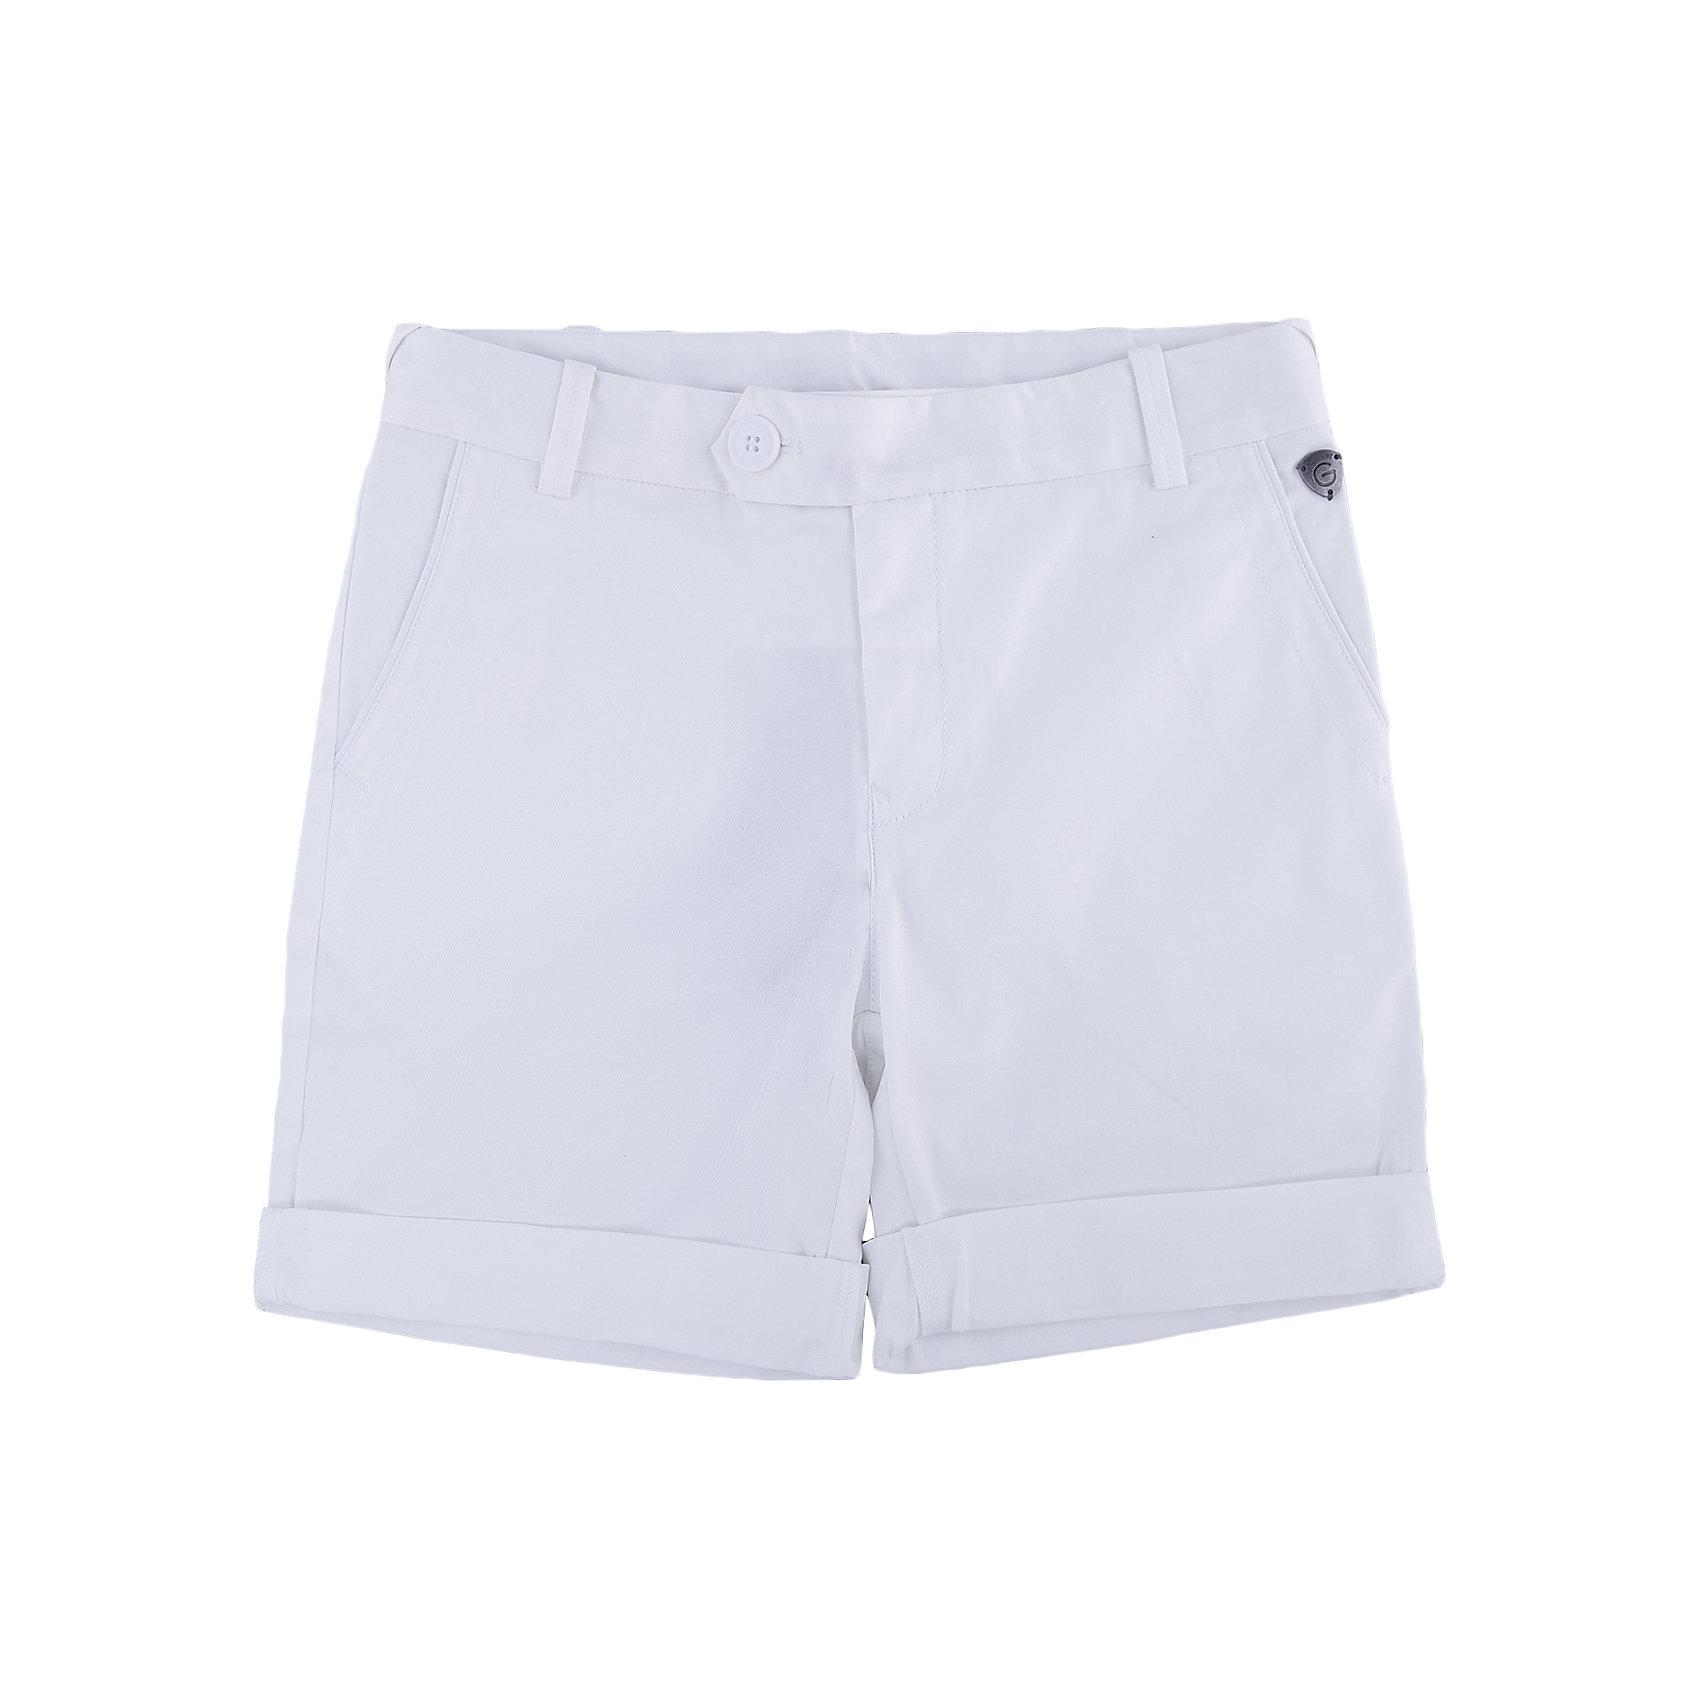 Шорты для мальчика GulliverКупить модные шорты для мальчика! Выбираясь на весенний шоппинг, мамы мальчиков часто ставят перед собой эту непростую задачу. И действительно, модные шорты должны быть с изюминкой! Белый цвет выглядит нарядно, благородно, изысканно! Отделка оригинальной тесьмой в морском стиле делает модель яркой и запоминающейся. Словом, эти стильные  белые шорты с отворотами, брендированной фурнитурой и деликатной контрастной вышивкой на заднем кармане - лучшее решение для жаркого модного лета!<br>Состав:<br>98% хлопок      2% эластан<br><br>Ширина мм: 191<br>Глубина мм: 10<br>Высота мм: 175<br>Вес г: 273<br>Цвет: белый<br>Возраст от месяцев: 120<br>Возраст до месяцев: 132<br>Пол: Мужской<br>Возраст: Детский<br>Размер: 146,158,164,152<br>SKU: 4535181